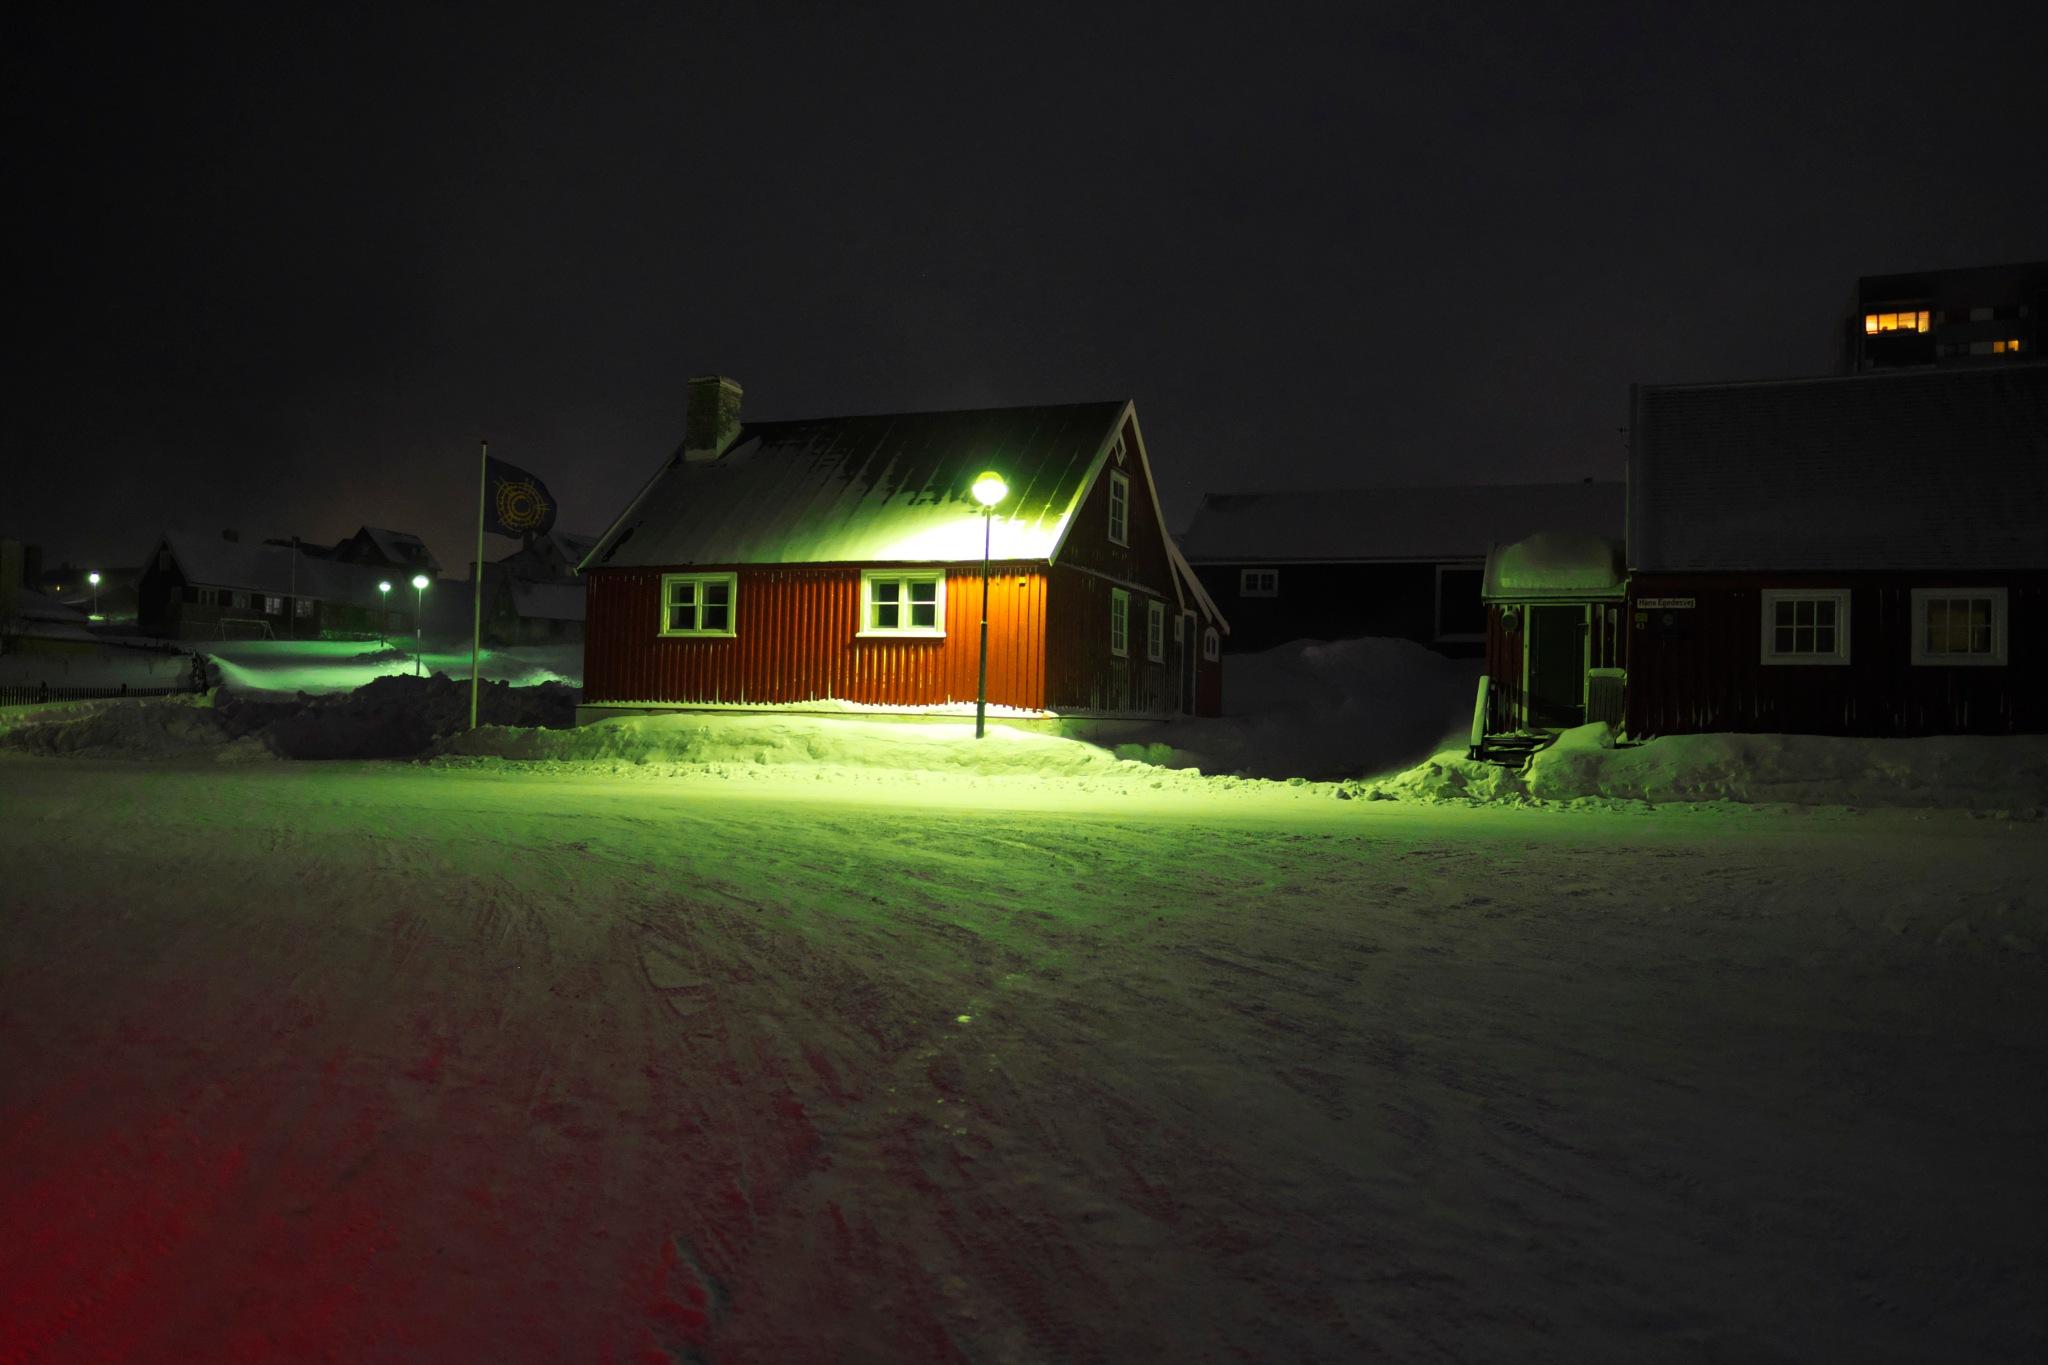 kolonihavn by night 20 marts by Tom Augo Lynge